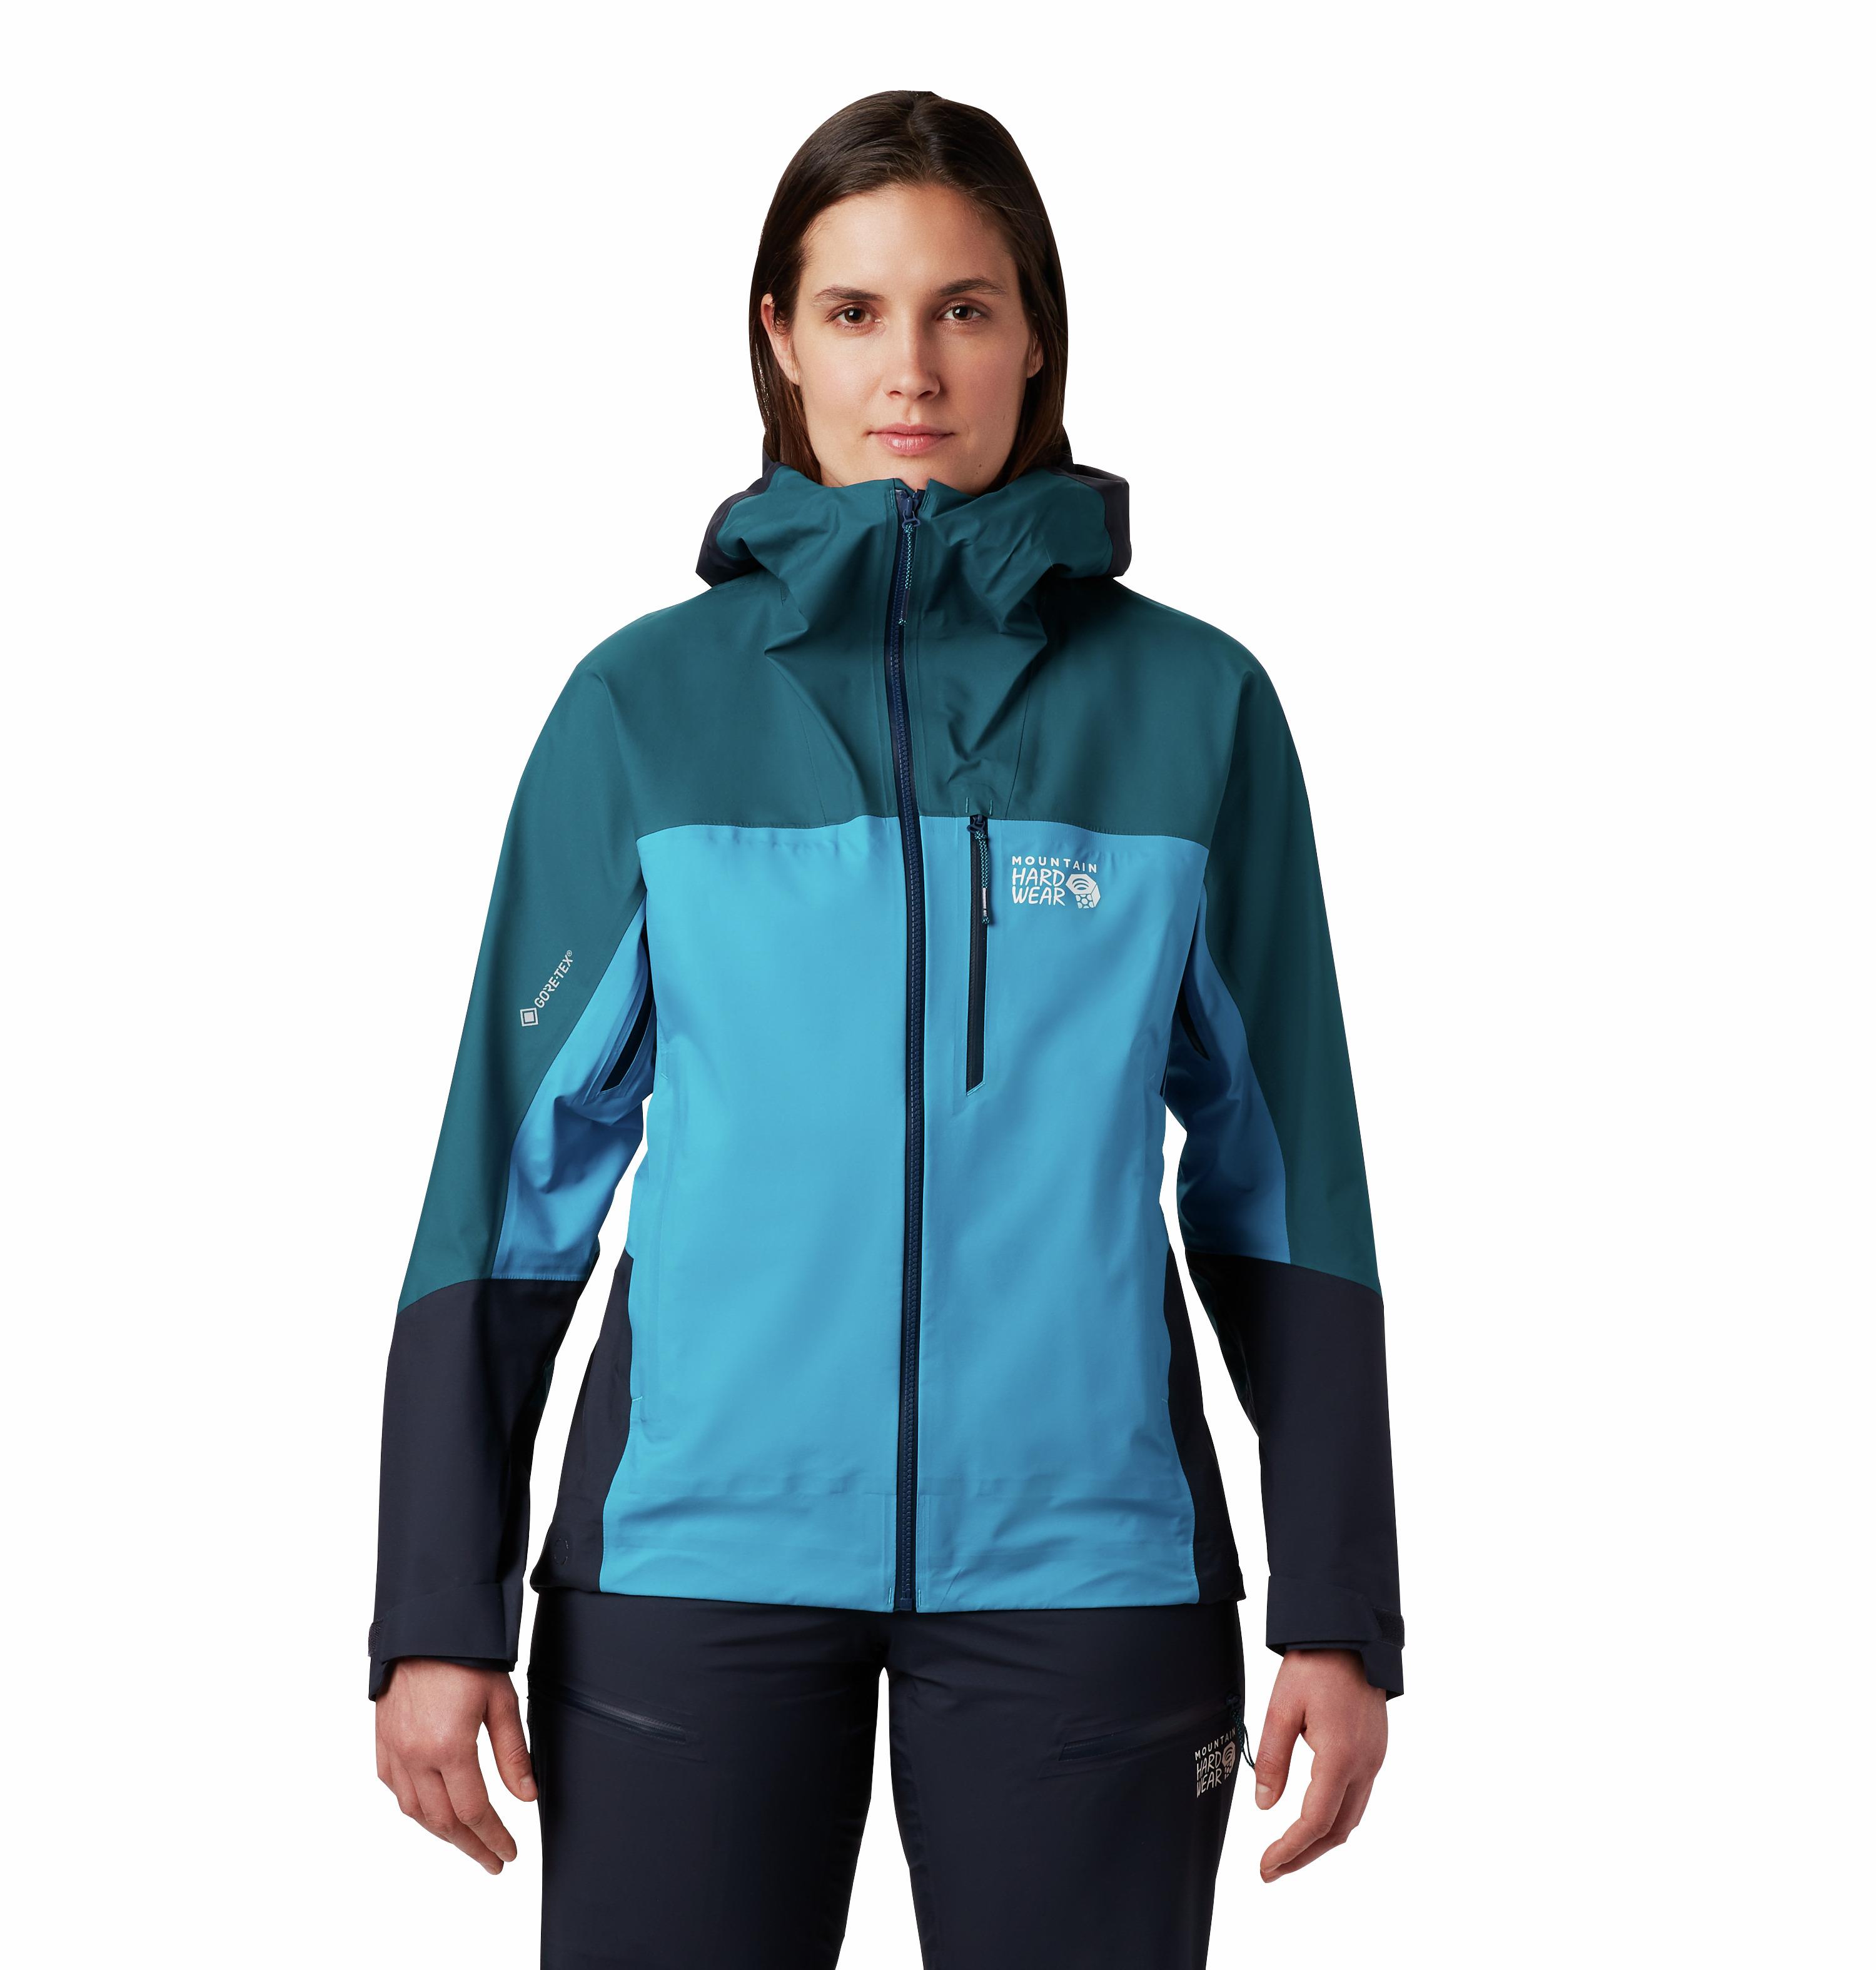 Mountain Hardwear Exposure/2 Gore-Tex Active Jacket - Hardshell jacket - Women's